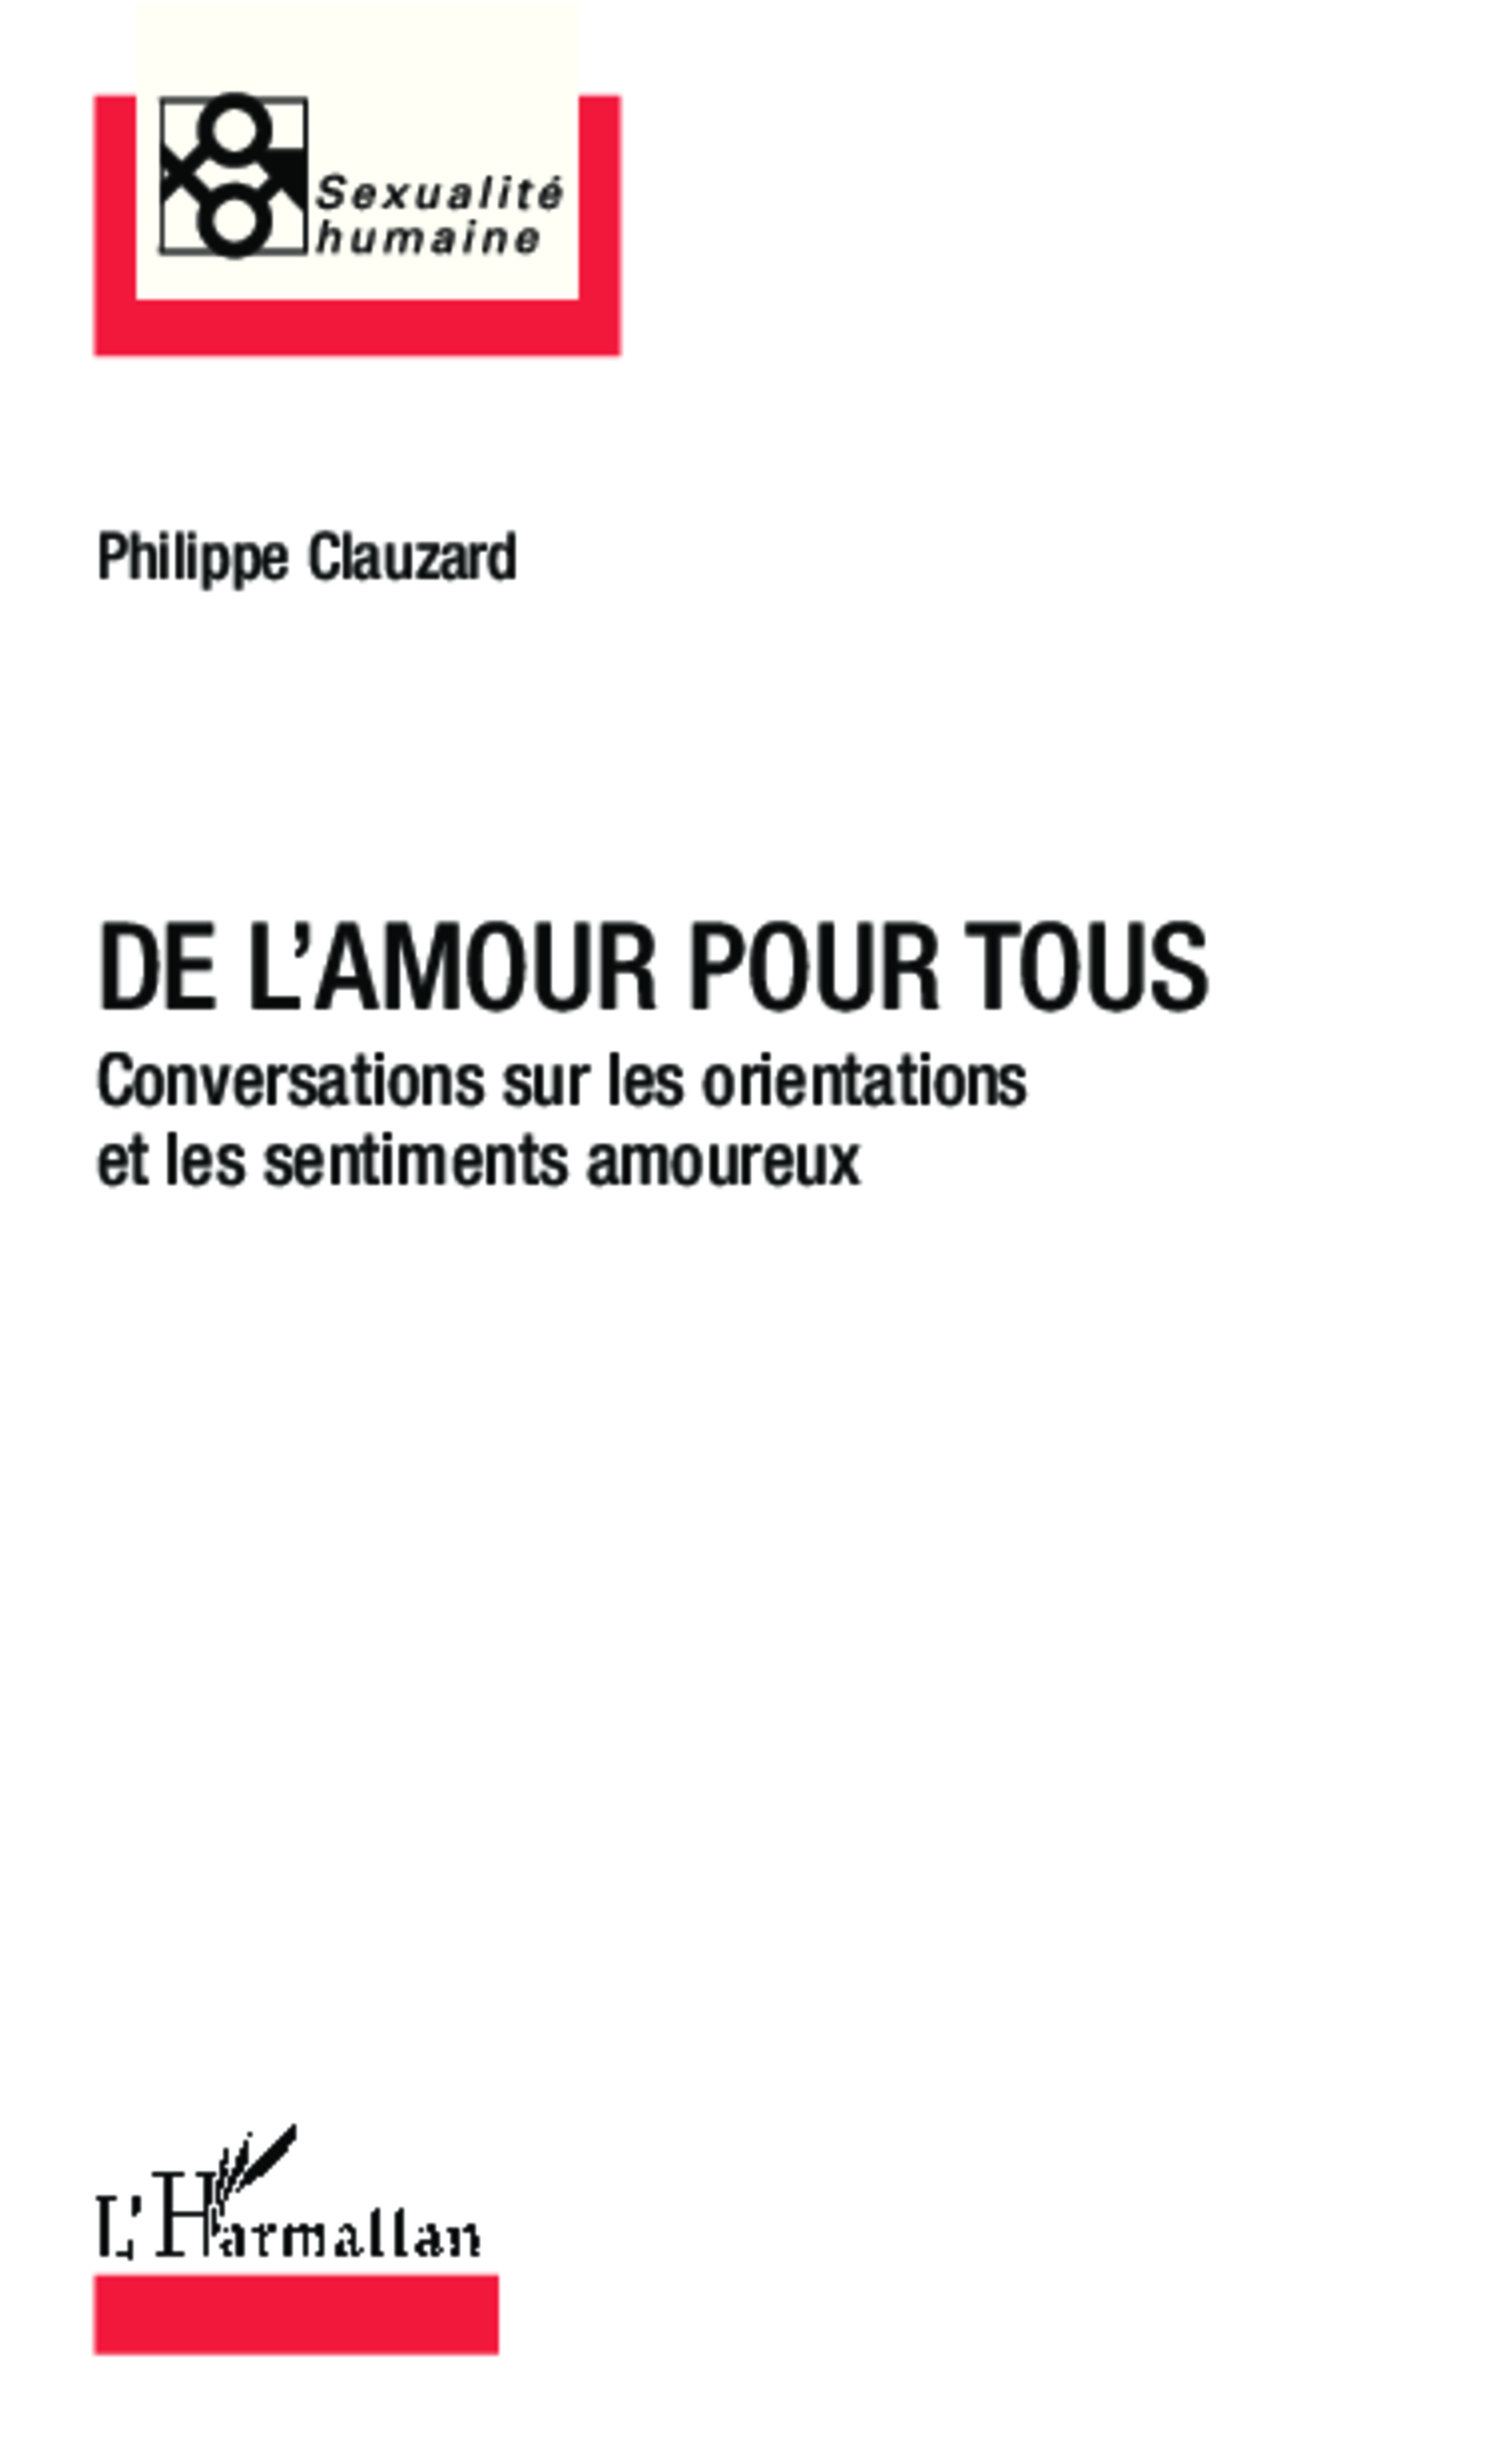 DE L'AMOUR POUR TOUS - CONVERSATIONS SUR LES ORIENTATIONS ET LES SENTIMENTS AMOUREUX